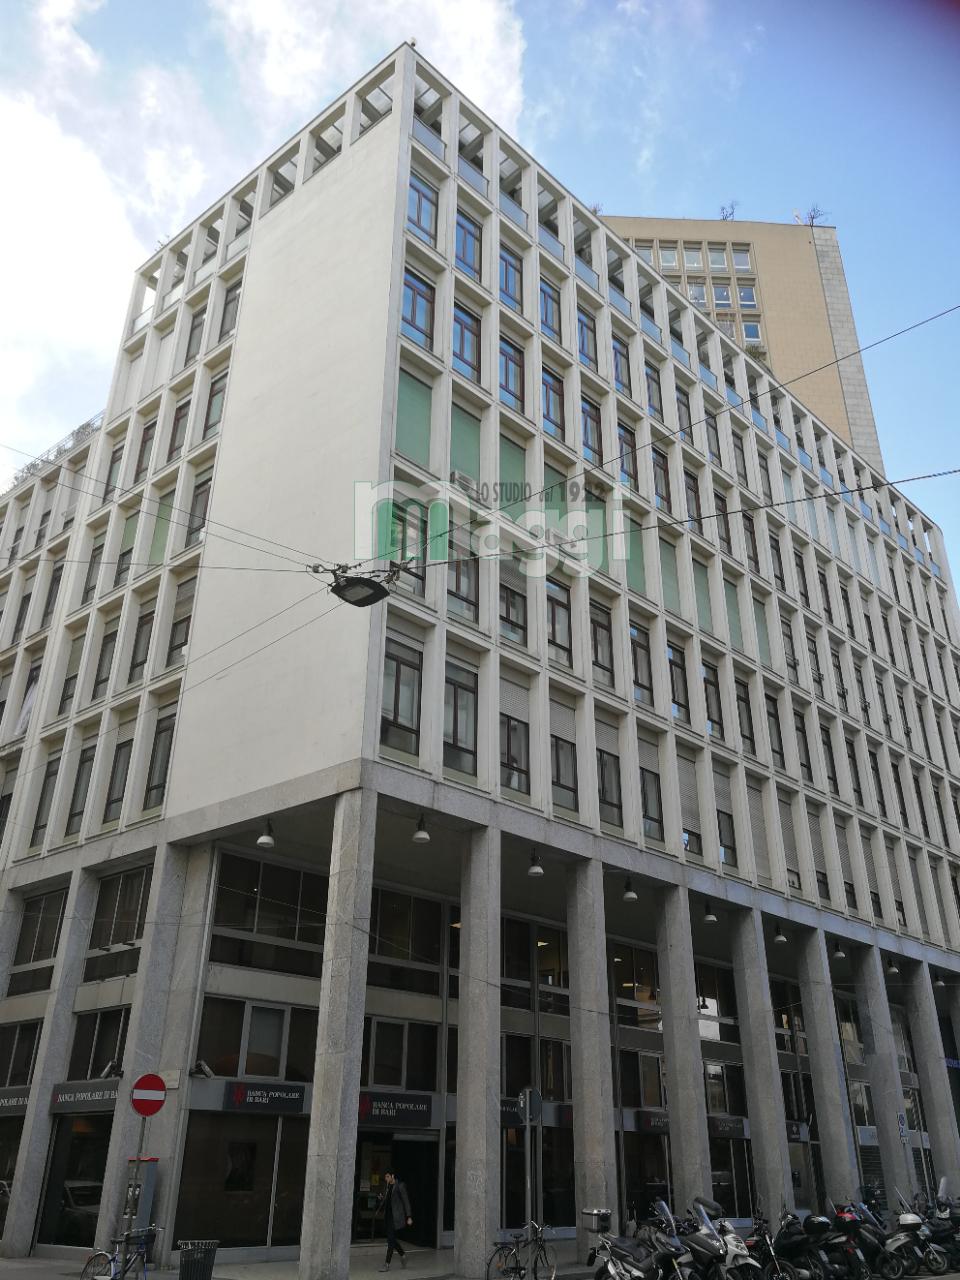 Ufficio-studio in Vendita a Milano: 5 locali, 230 mq